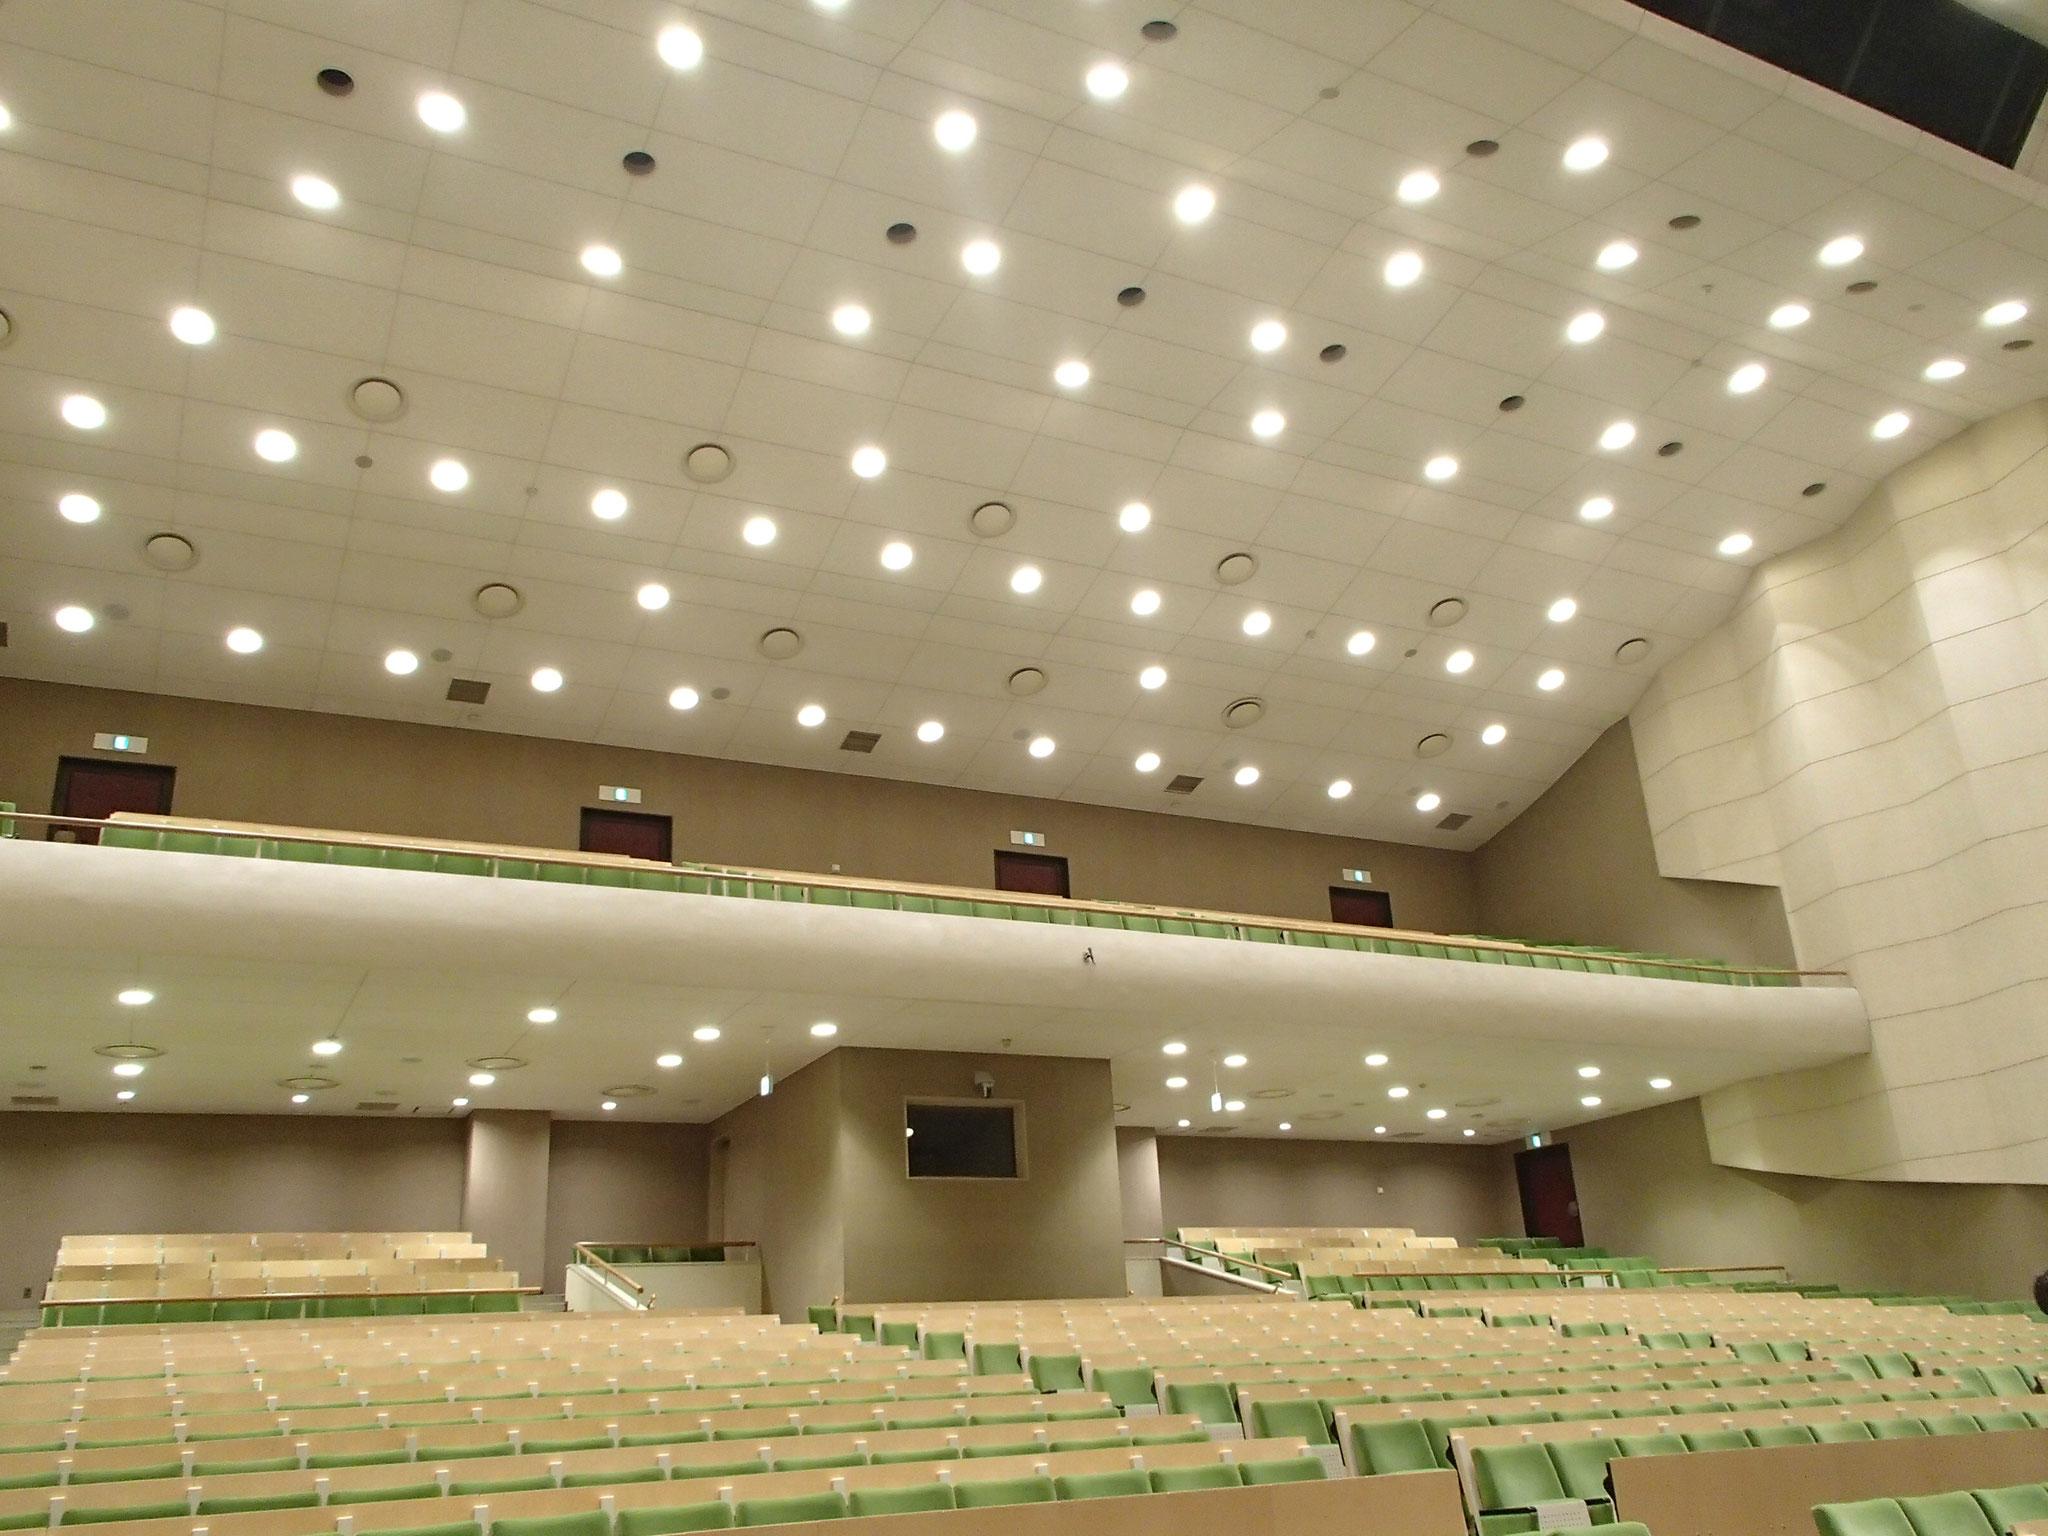 電気通信大学講堂照明改修工事